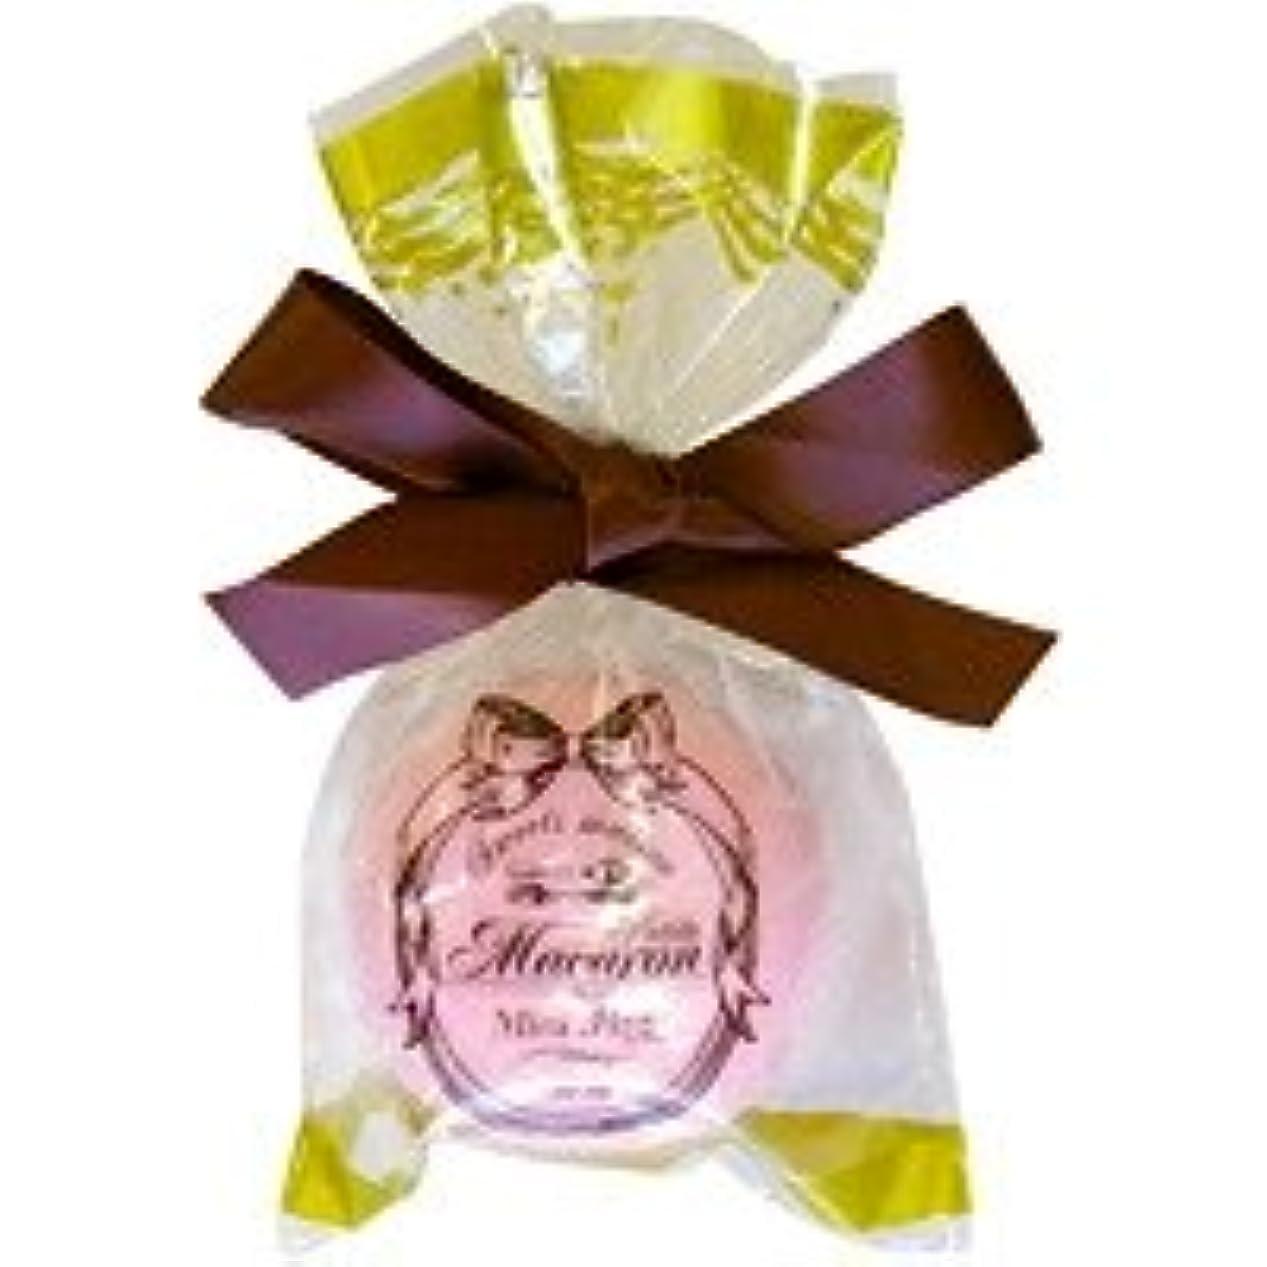 とは異なり船員キャンディースウィーツメゾン プチマカロンフィズ「ピンク」12個セット 甘酸っぱいラズベリーの香り